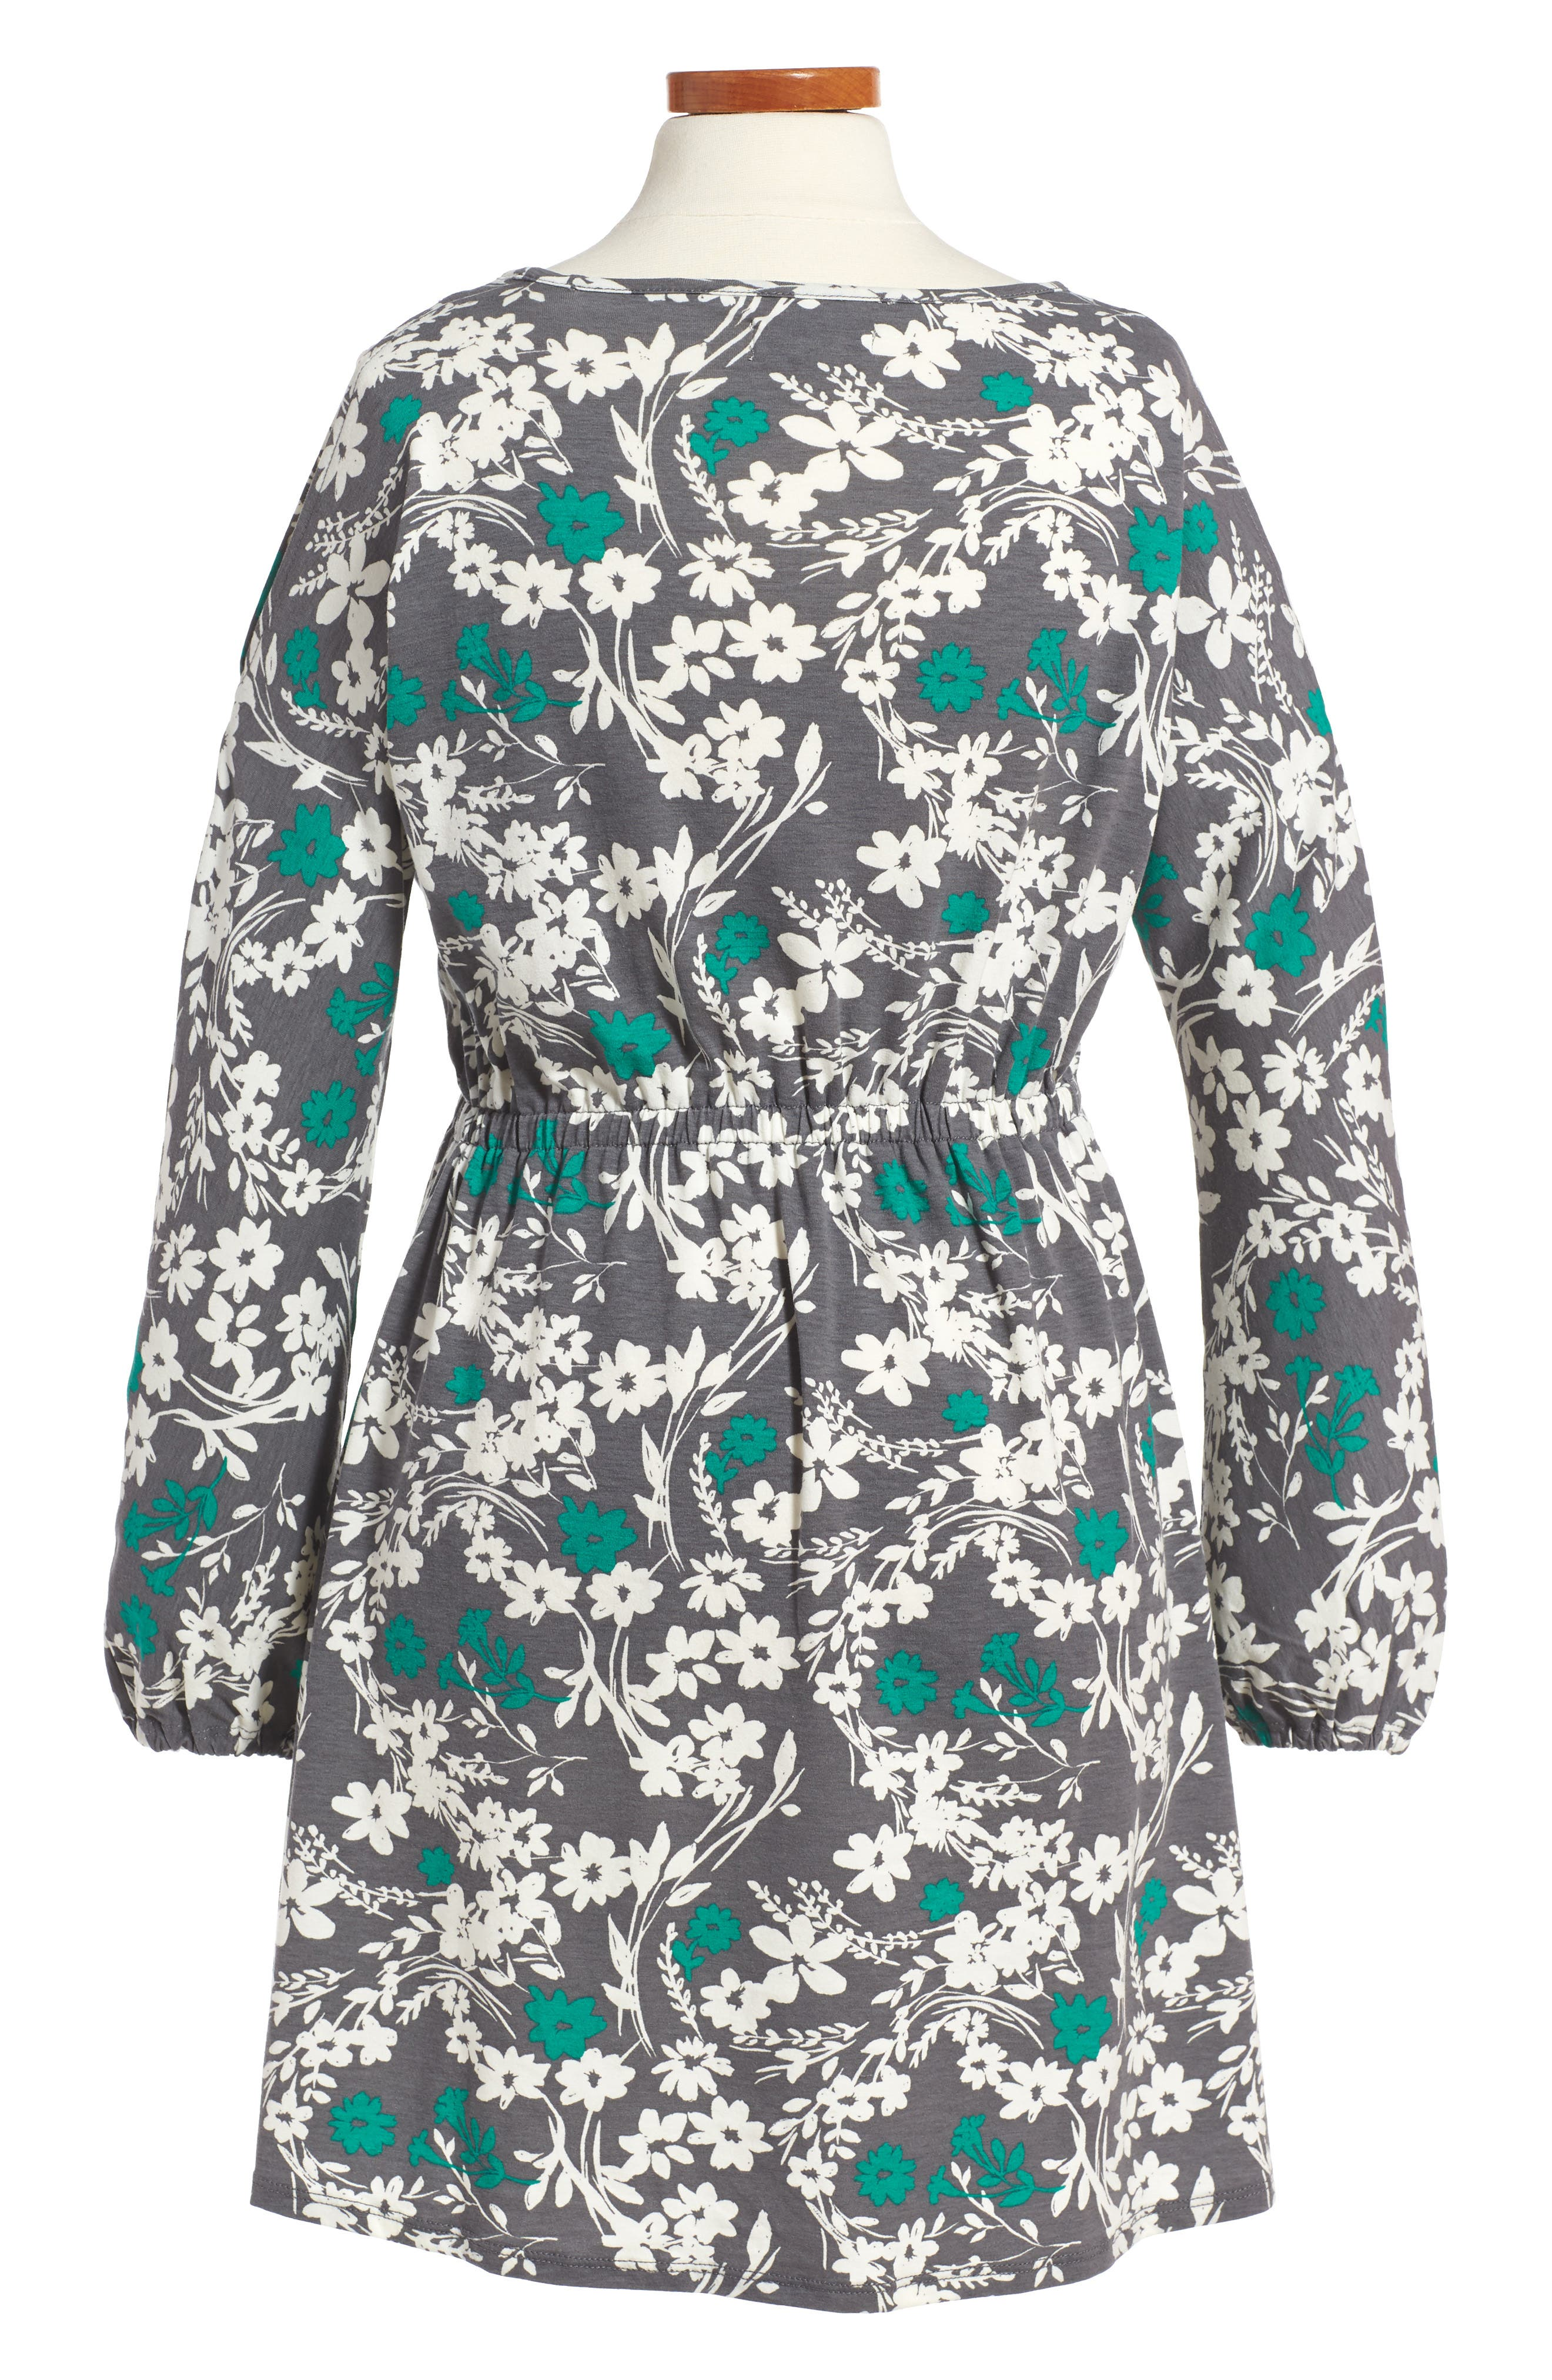 Cold Shoulder Print Dress,                             Alternate thumbnail 2, color,                             Grey Castlerock Shadow Floral